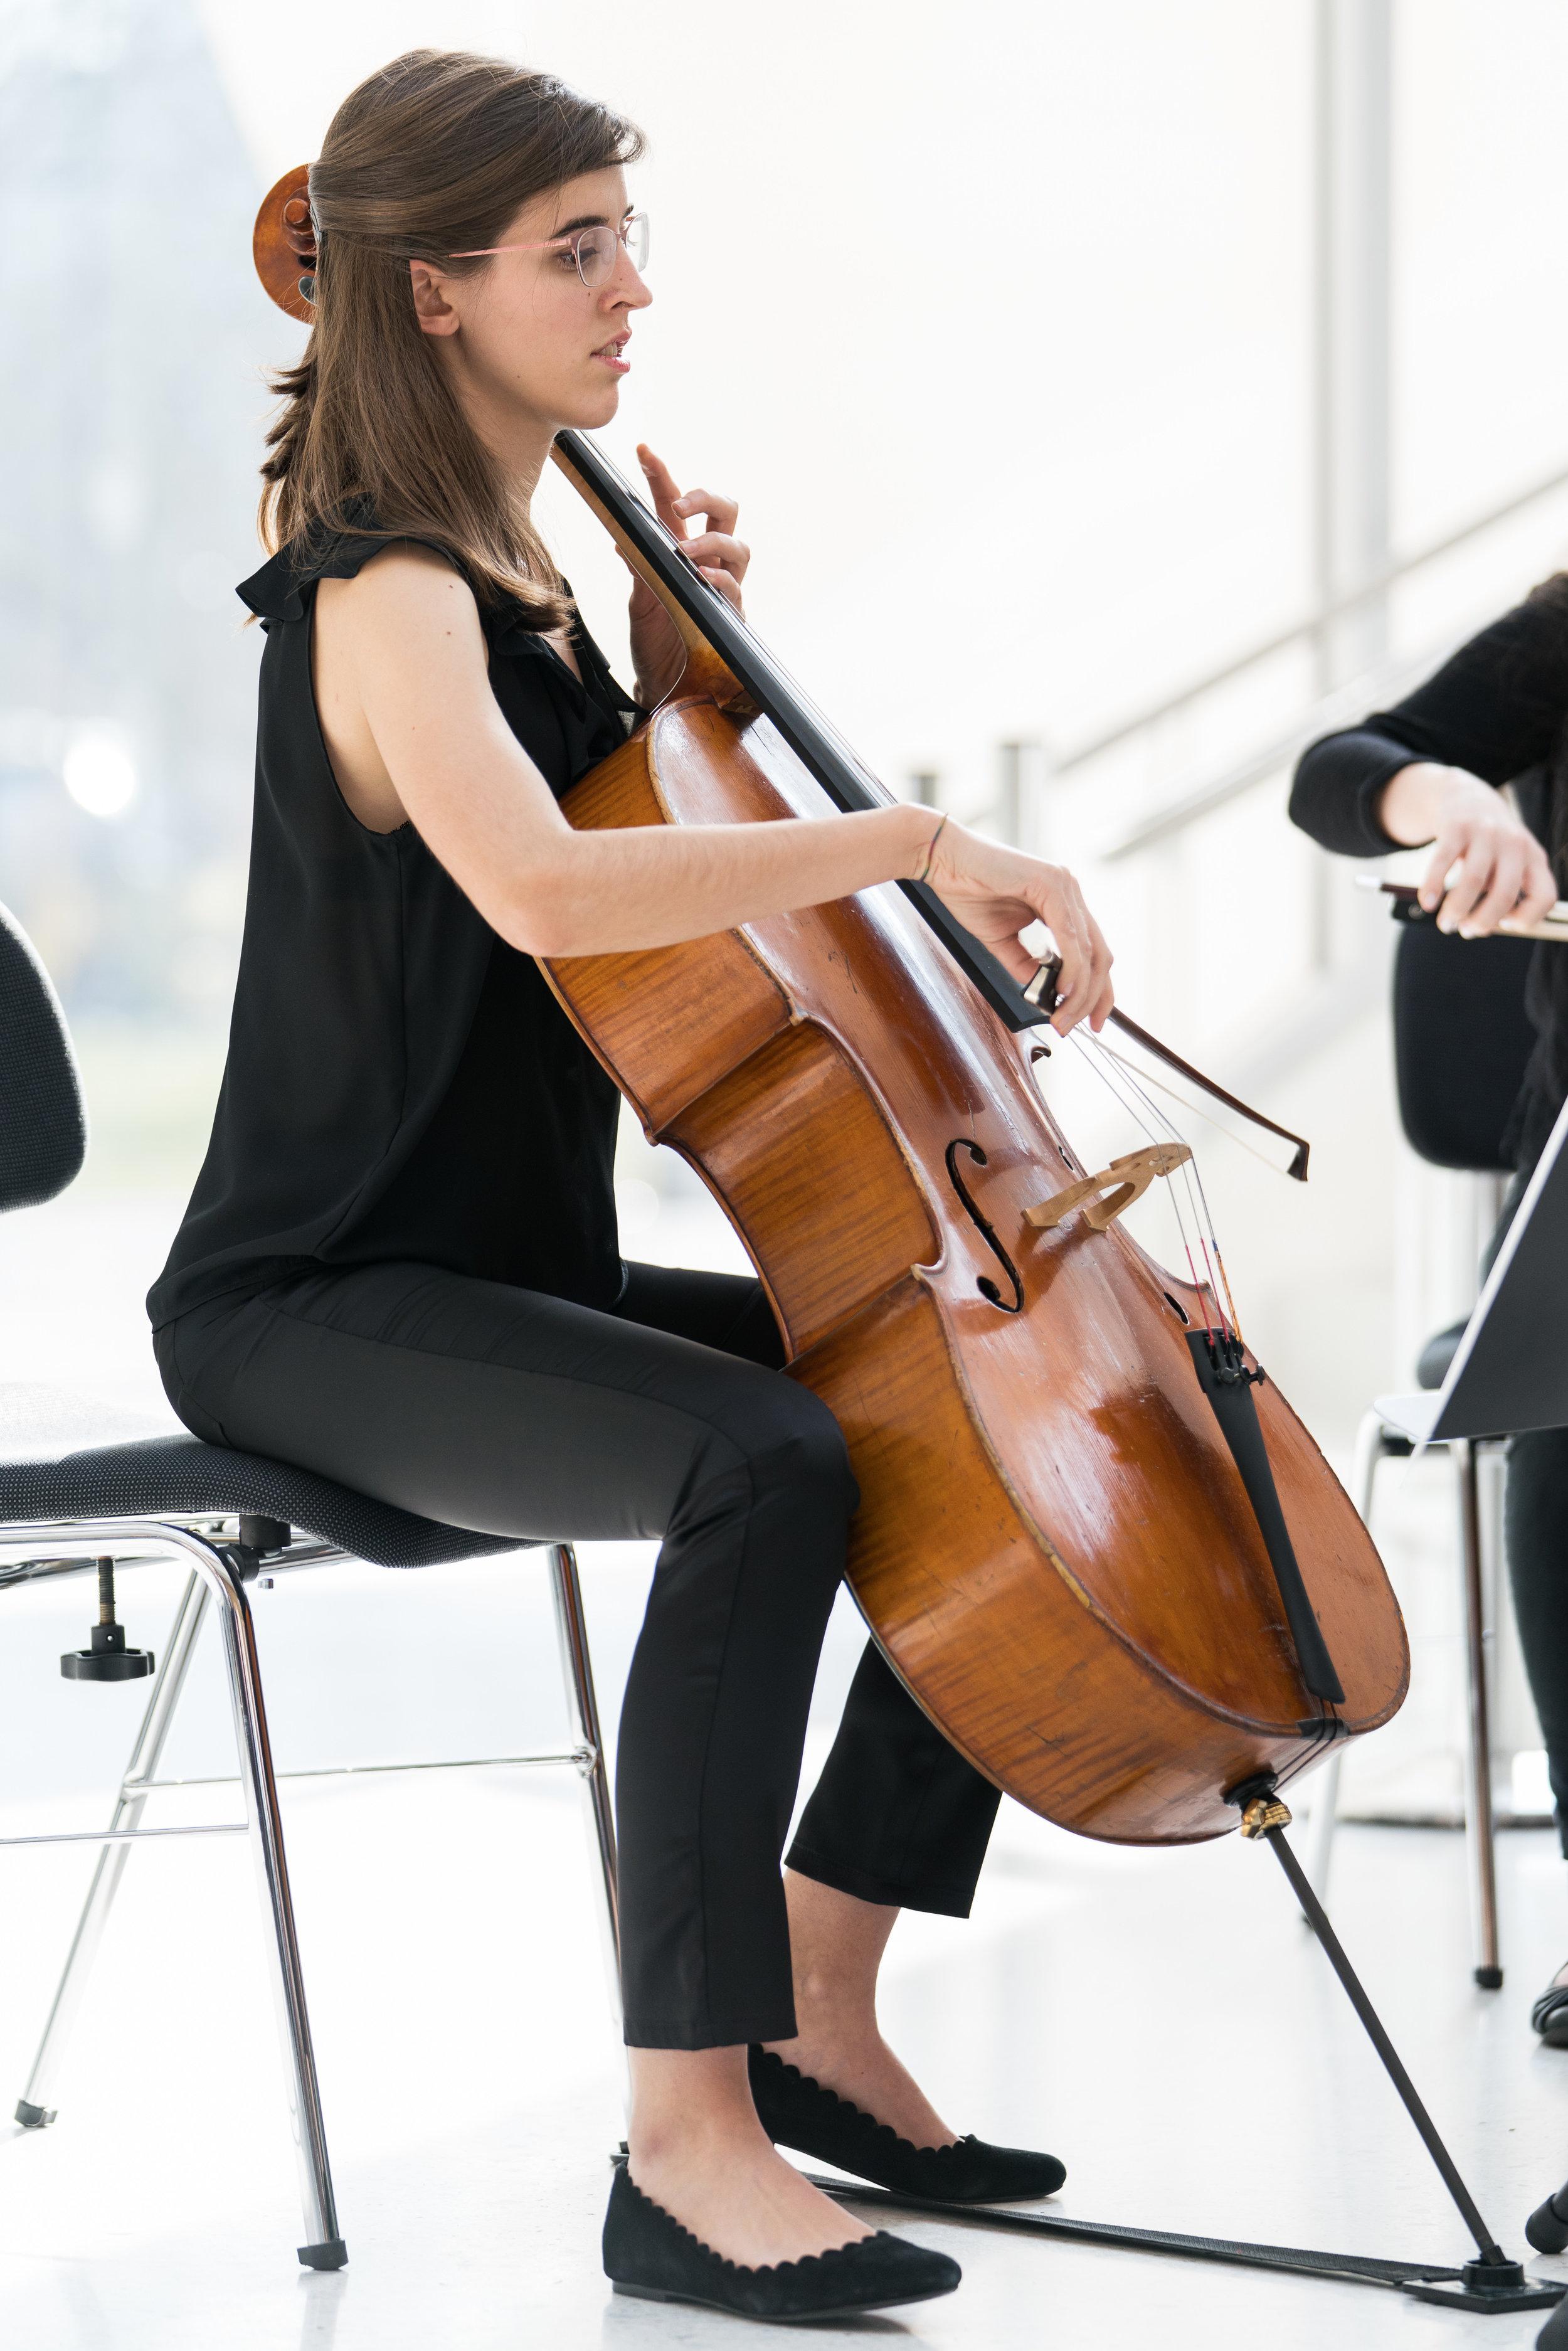 Konzert am Mittag - Cello20180206_014-036.jpg